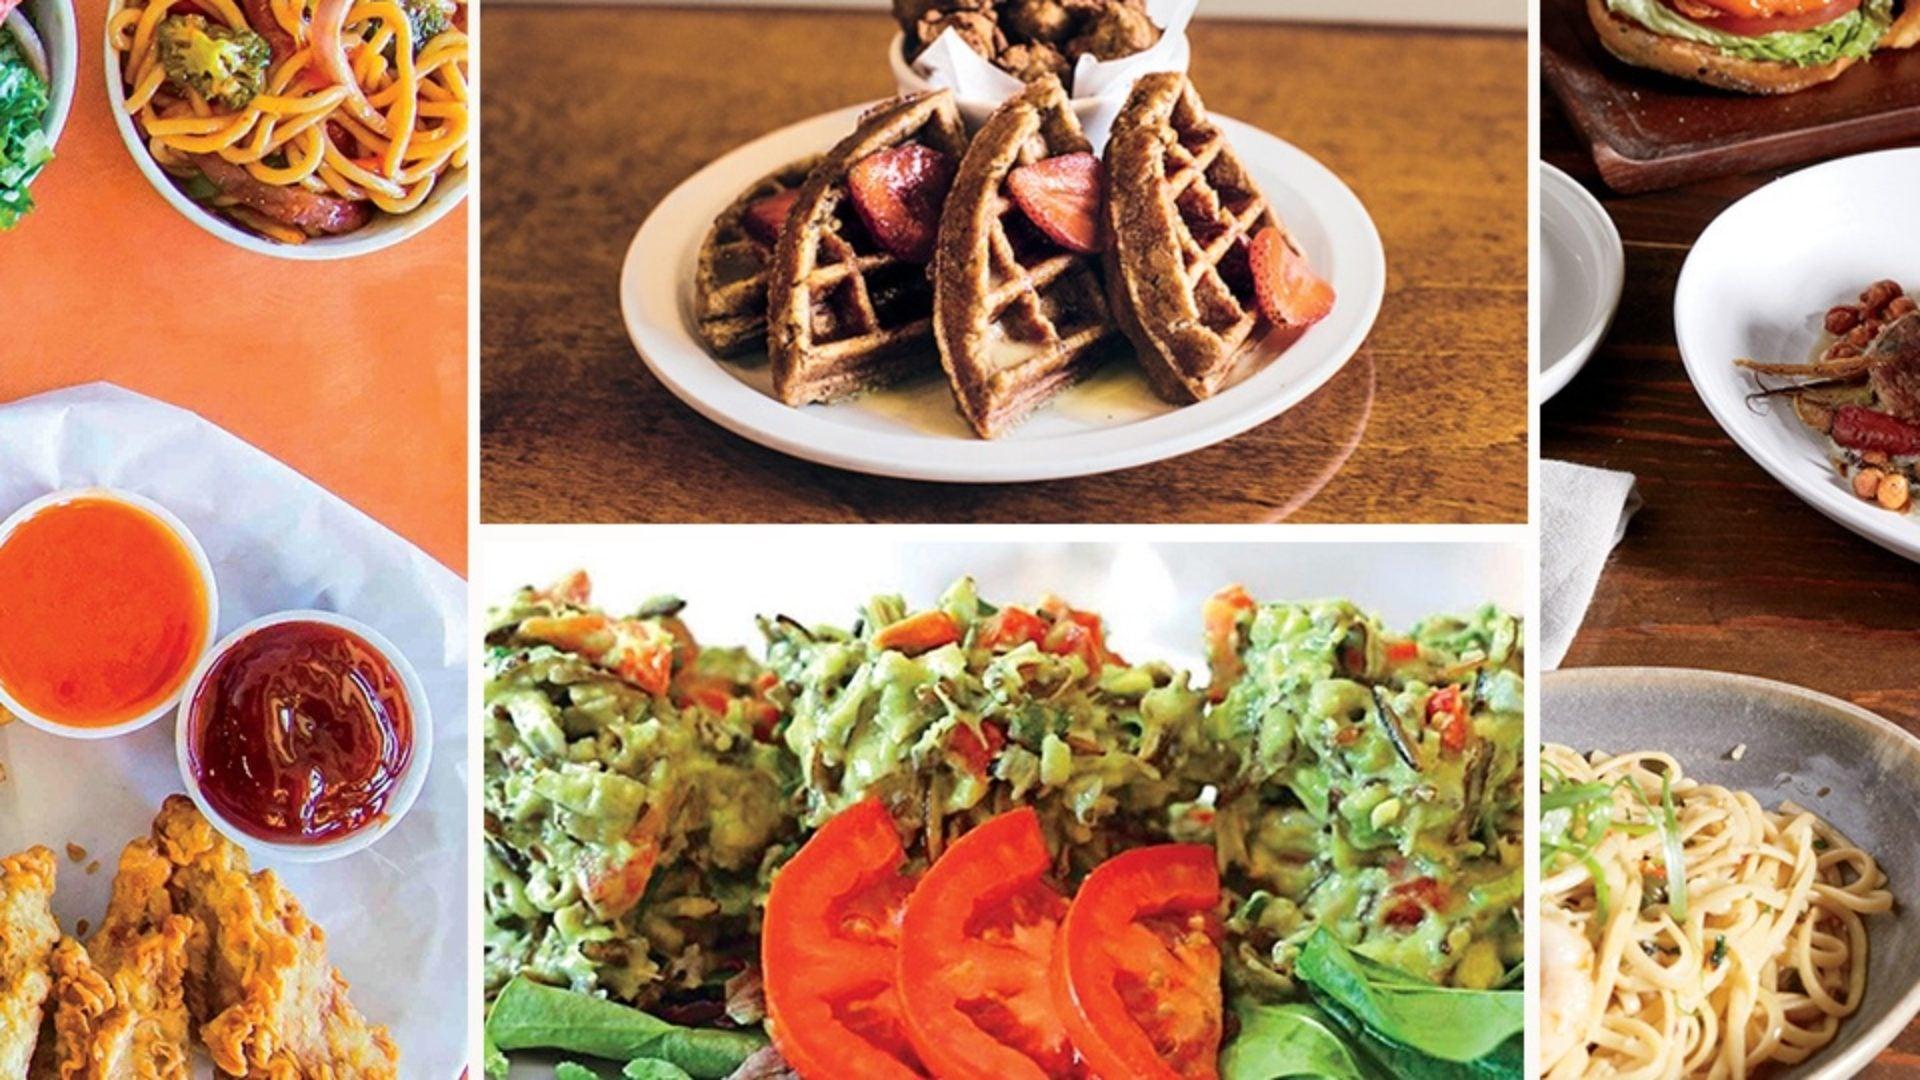 Discover Tasty Vegan Cuisine At These Black-Owned Vegan Restaurants